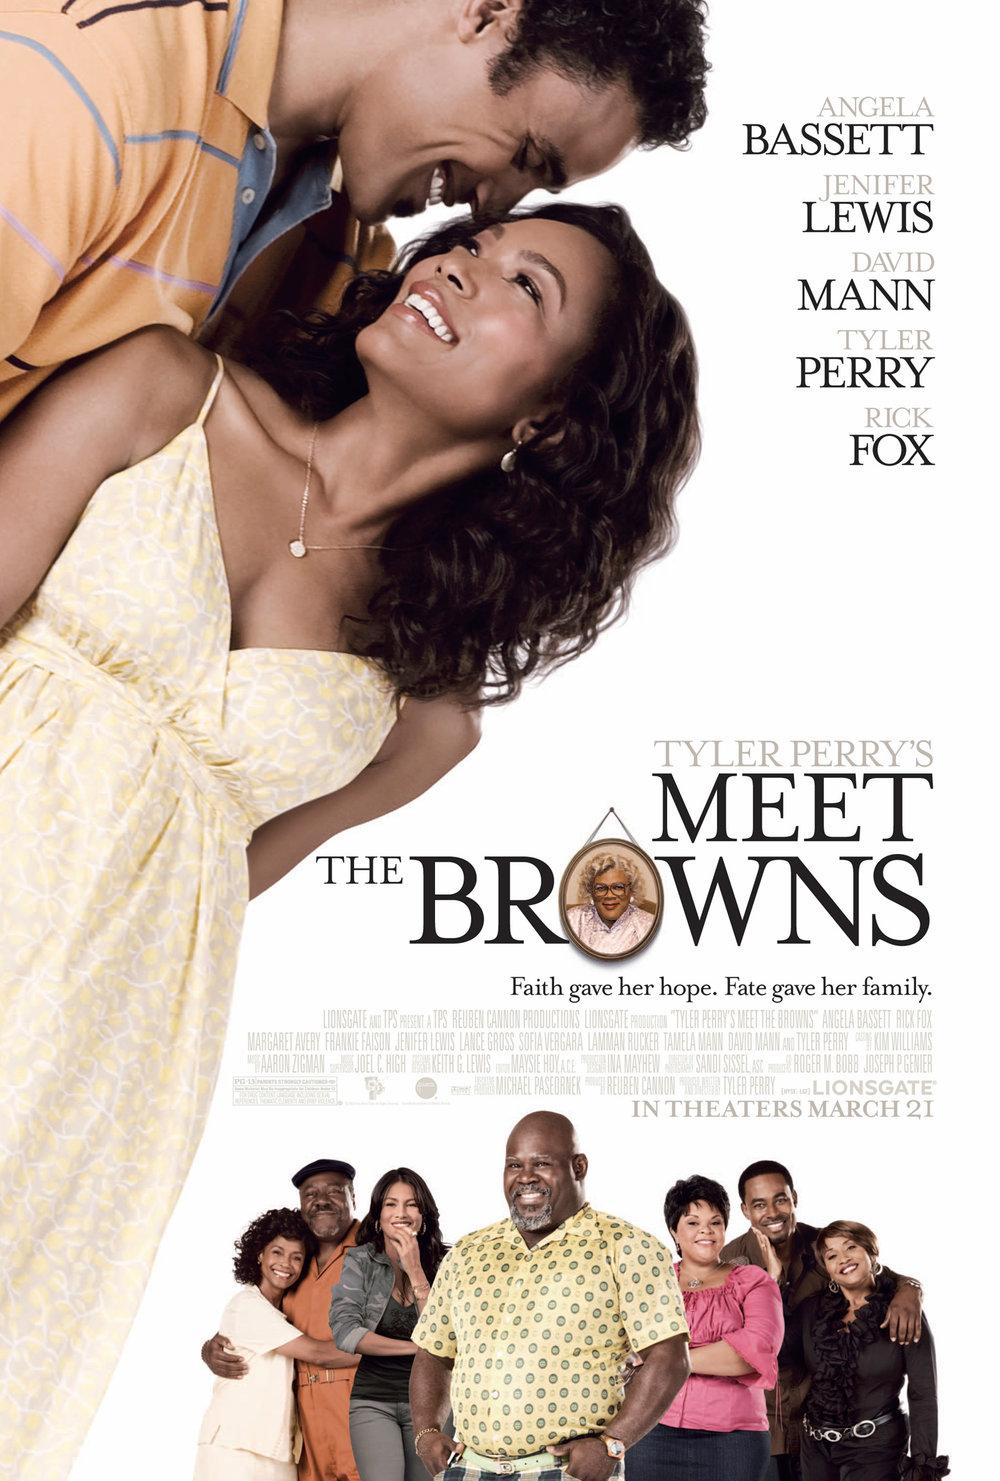 meet+the+browns_hd.jpg